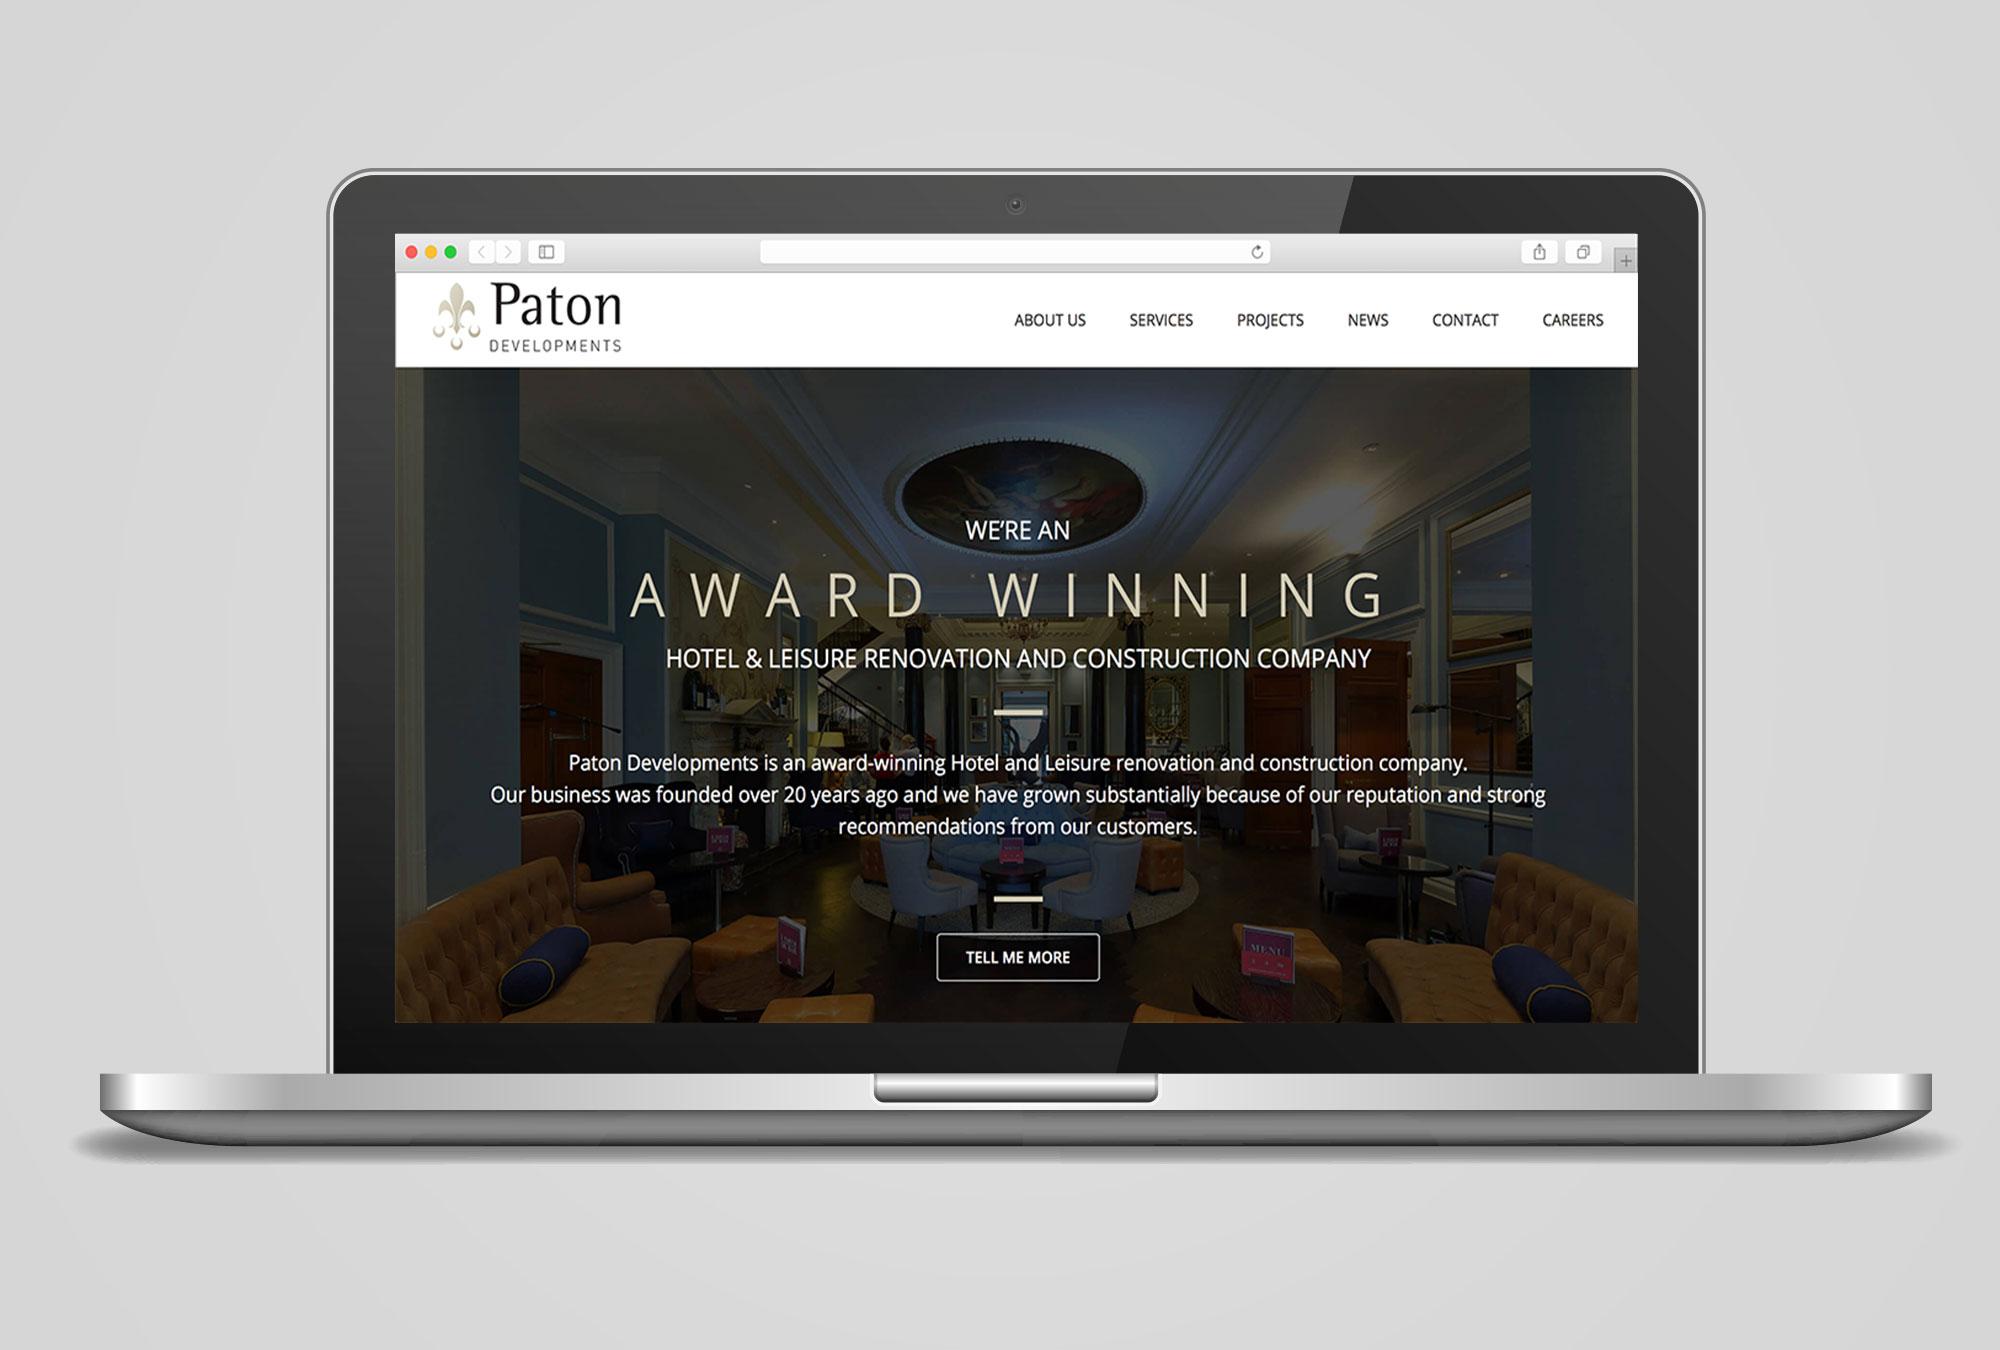 paton developments website